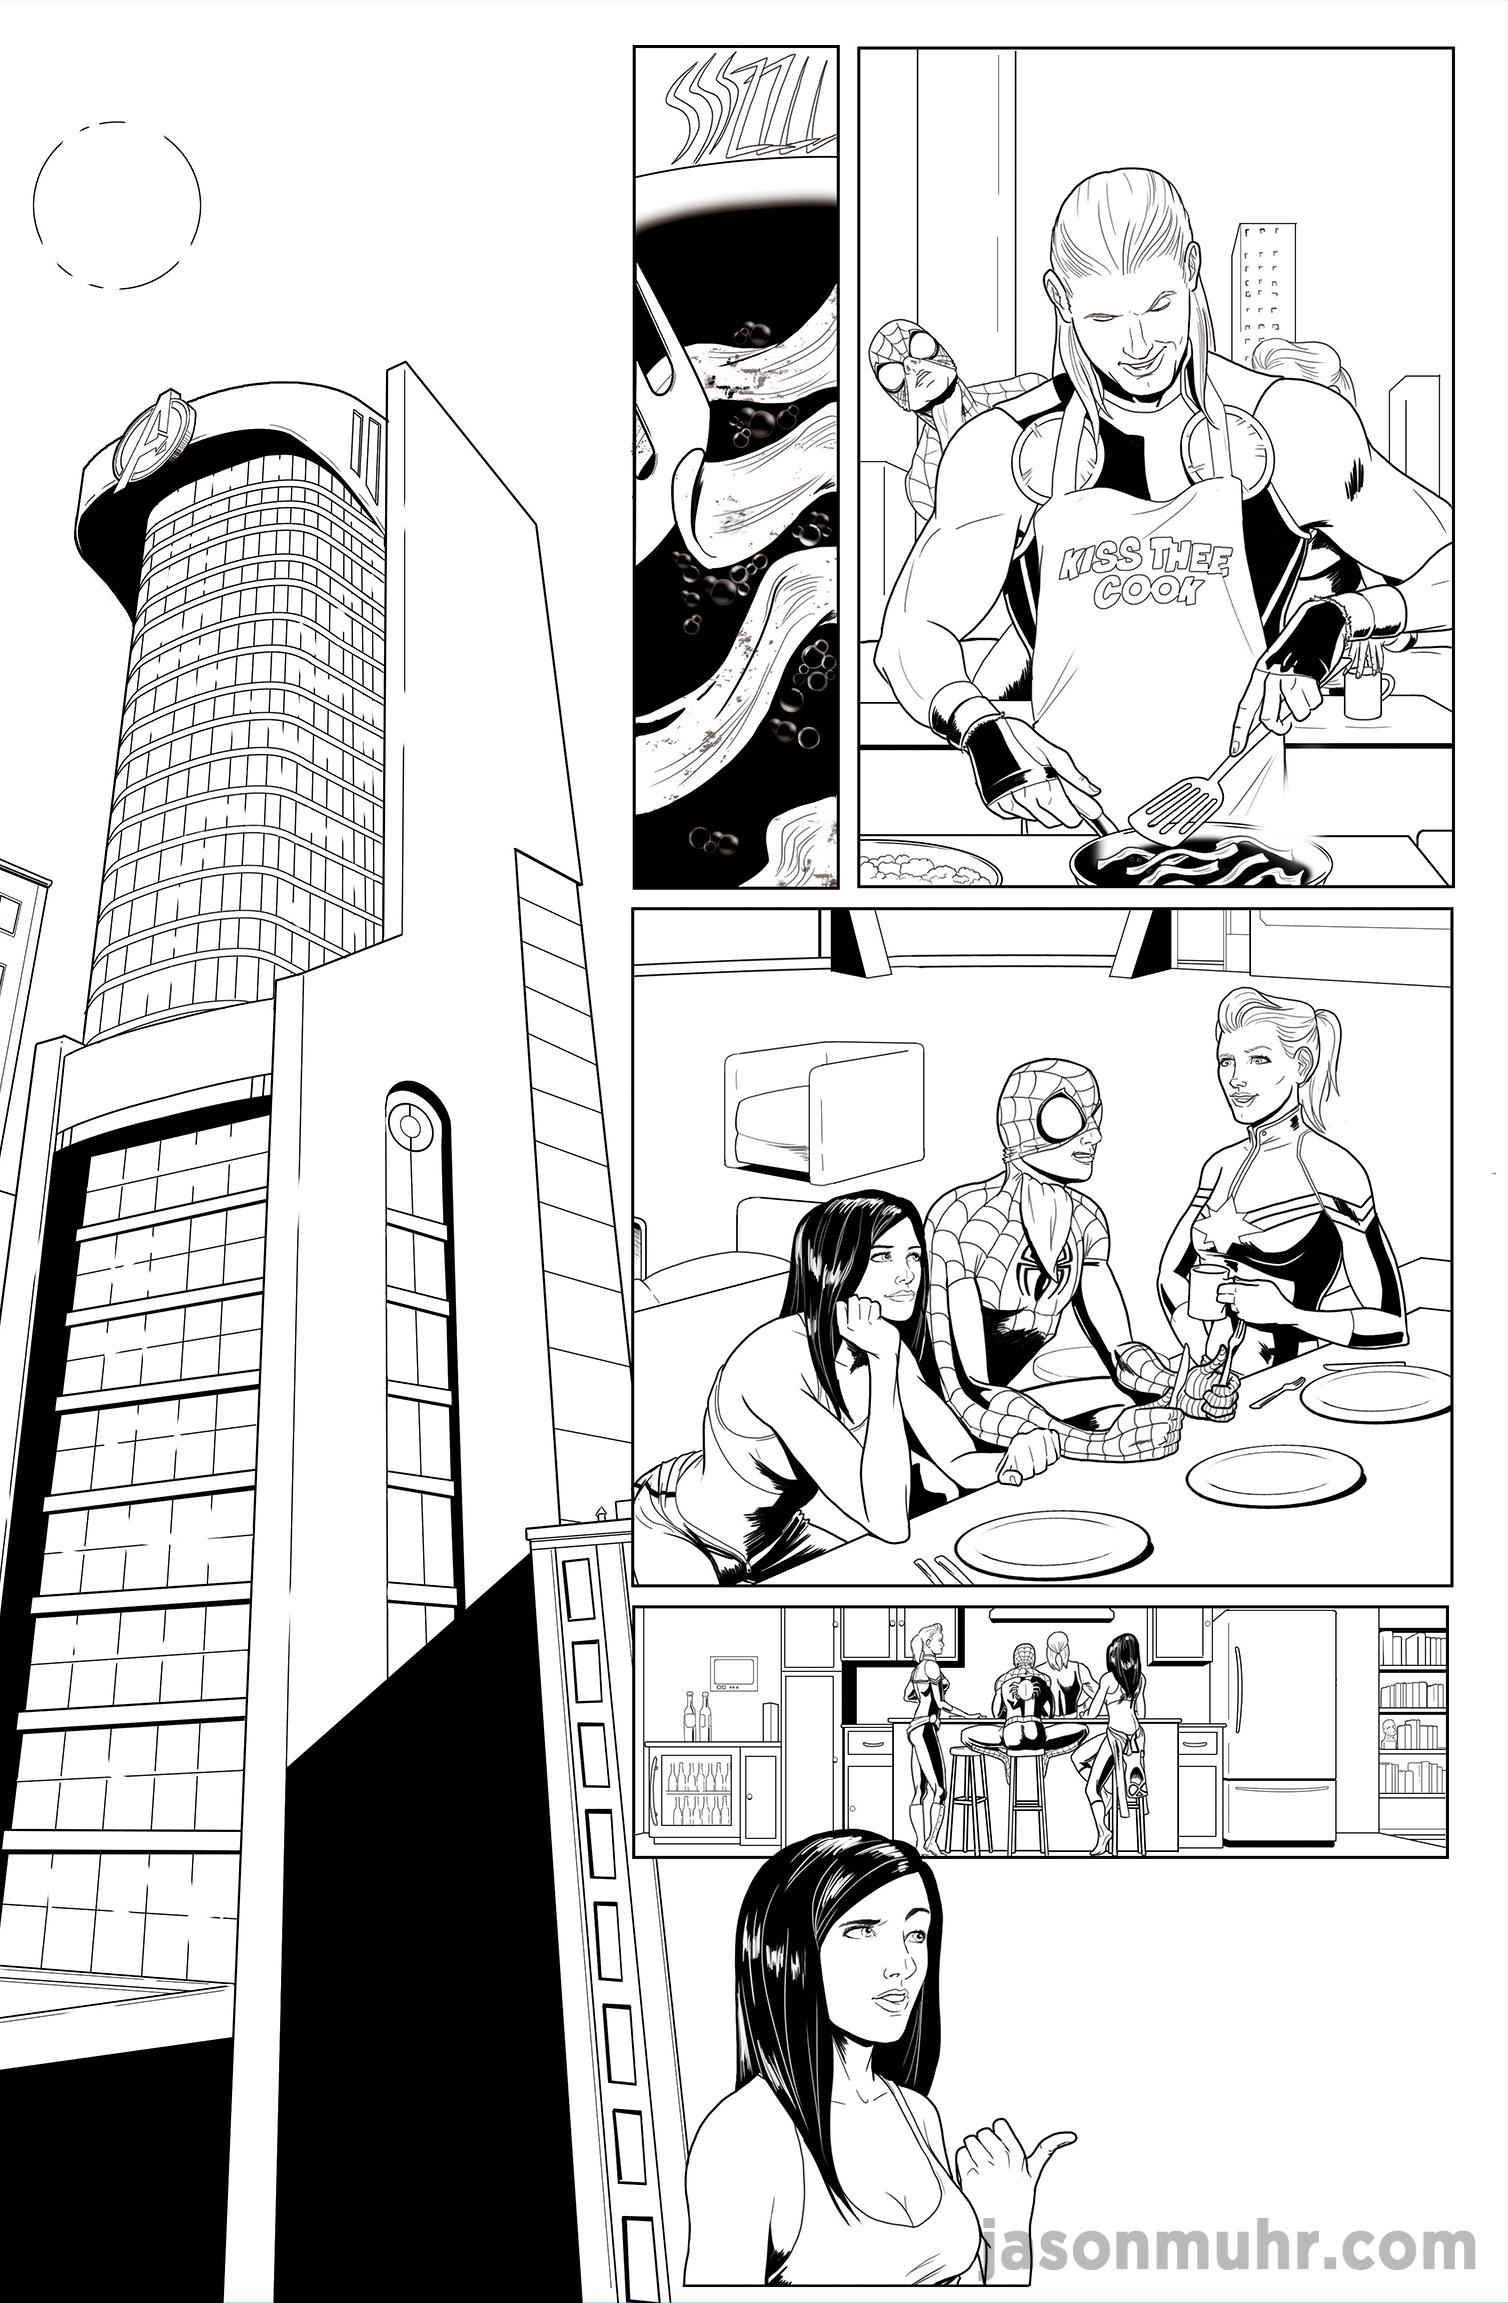 Avengers_pg01.jpg